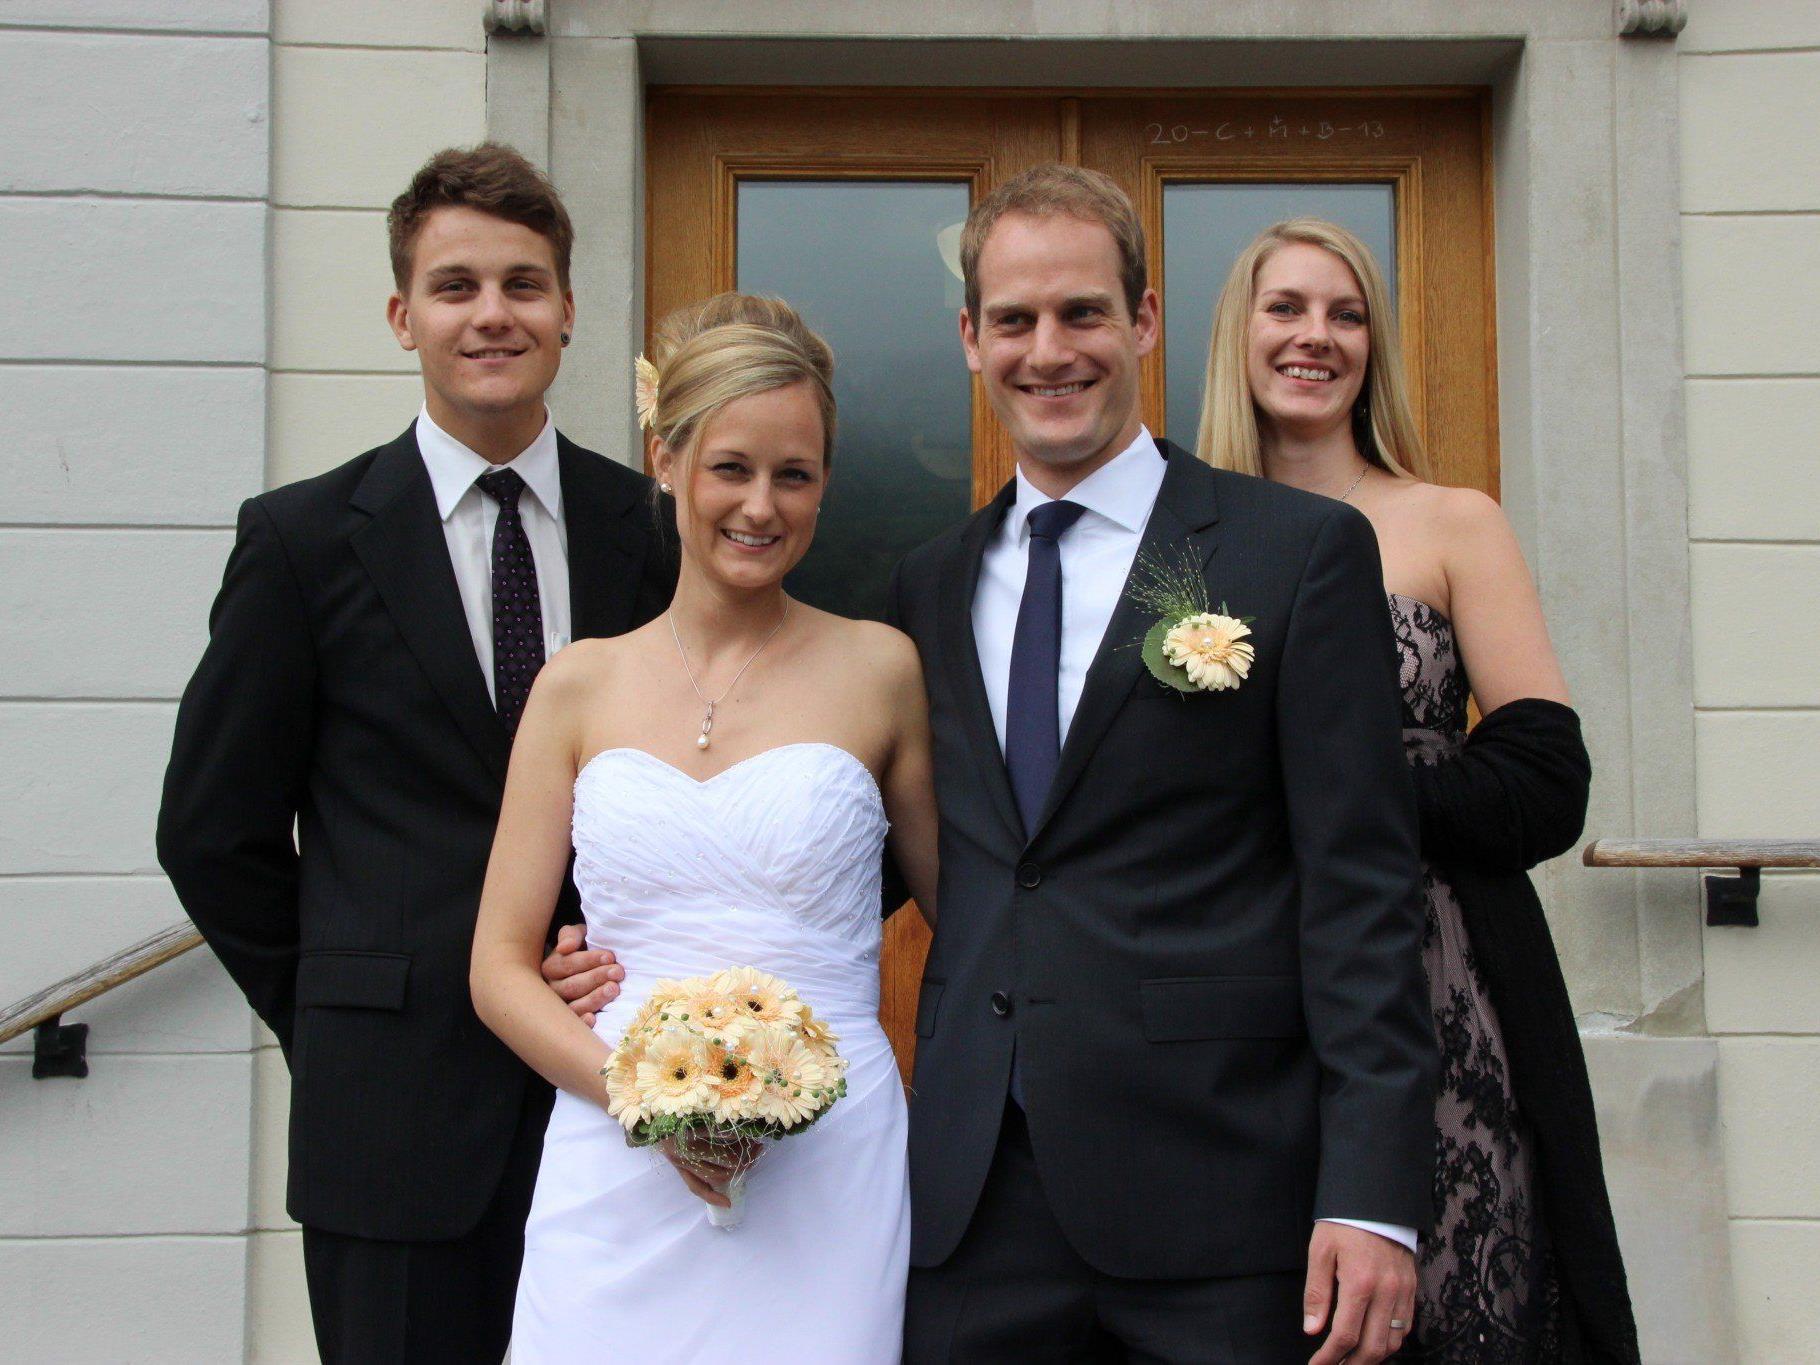 Hochzeit von Jennifer Wachter und Florian Fahr - Schruns | VOL.AT